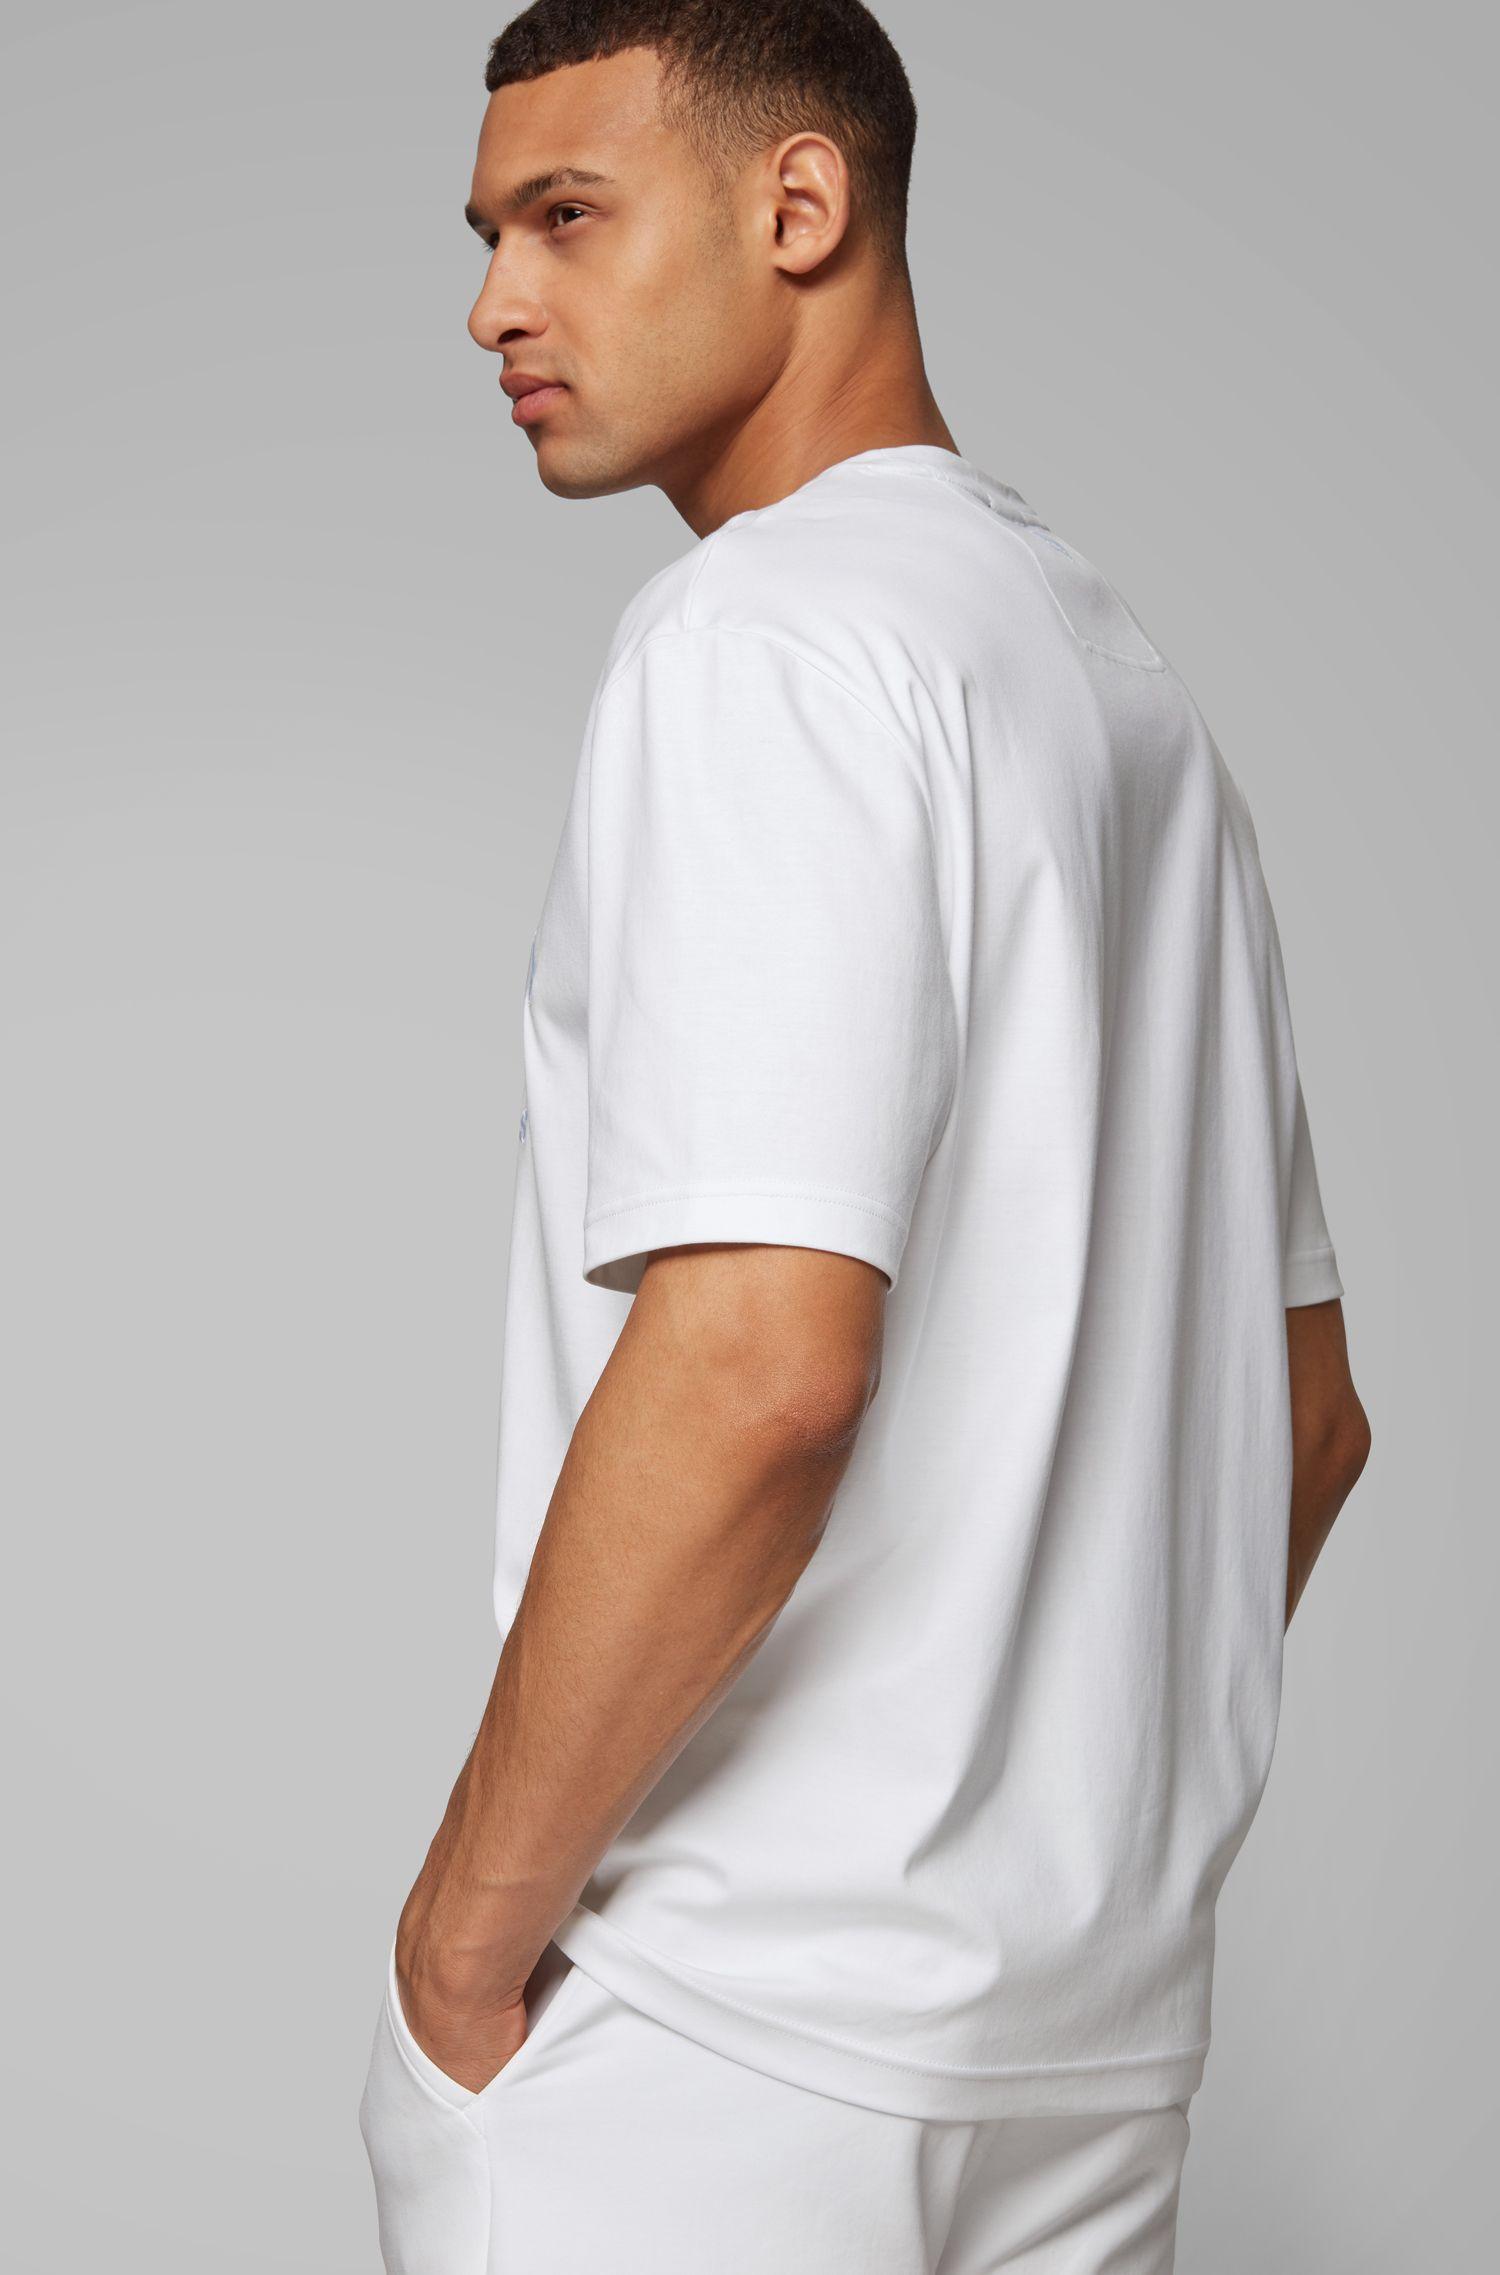 T-Shirt aus Interlock-Baumwolle mit tonalem Logo, Weiß